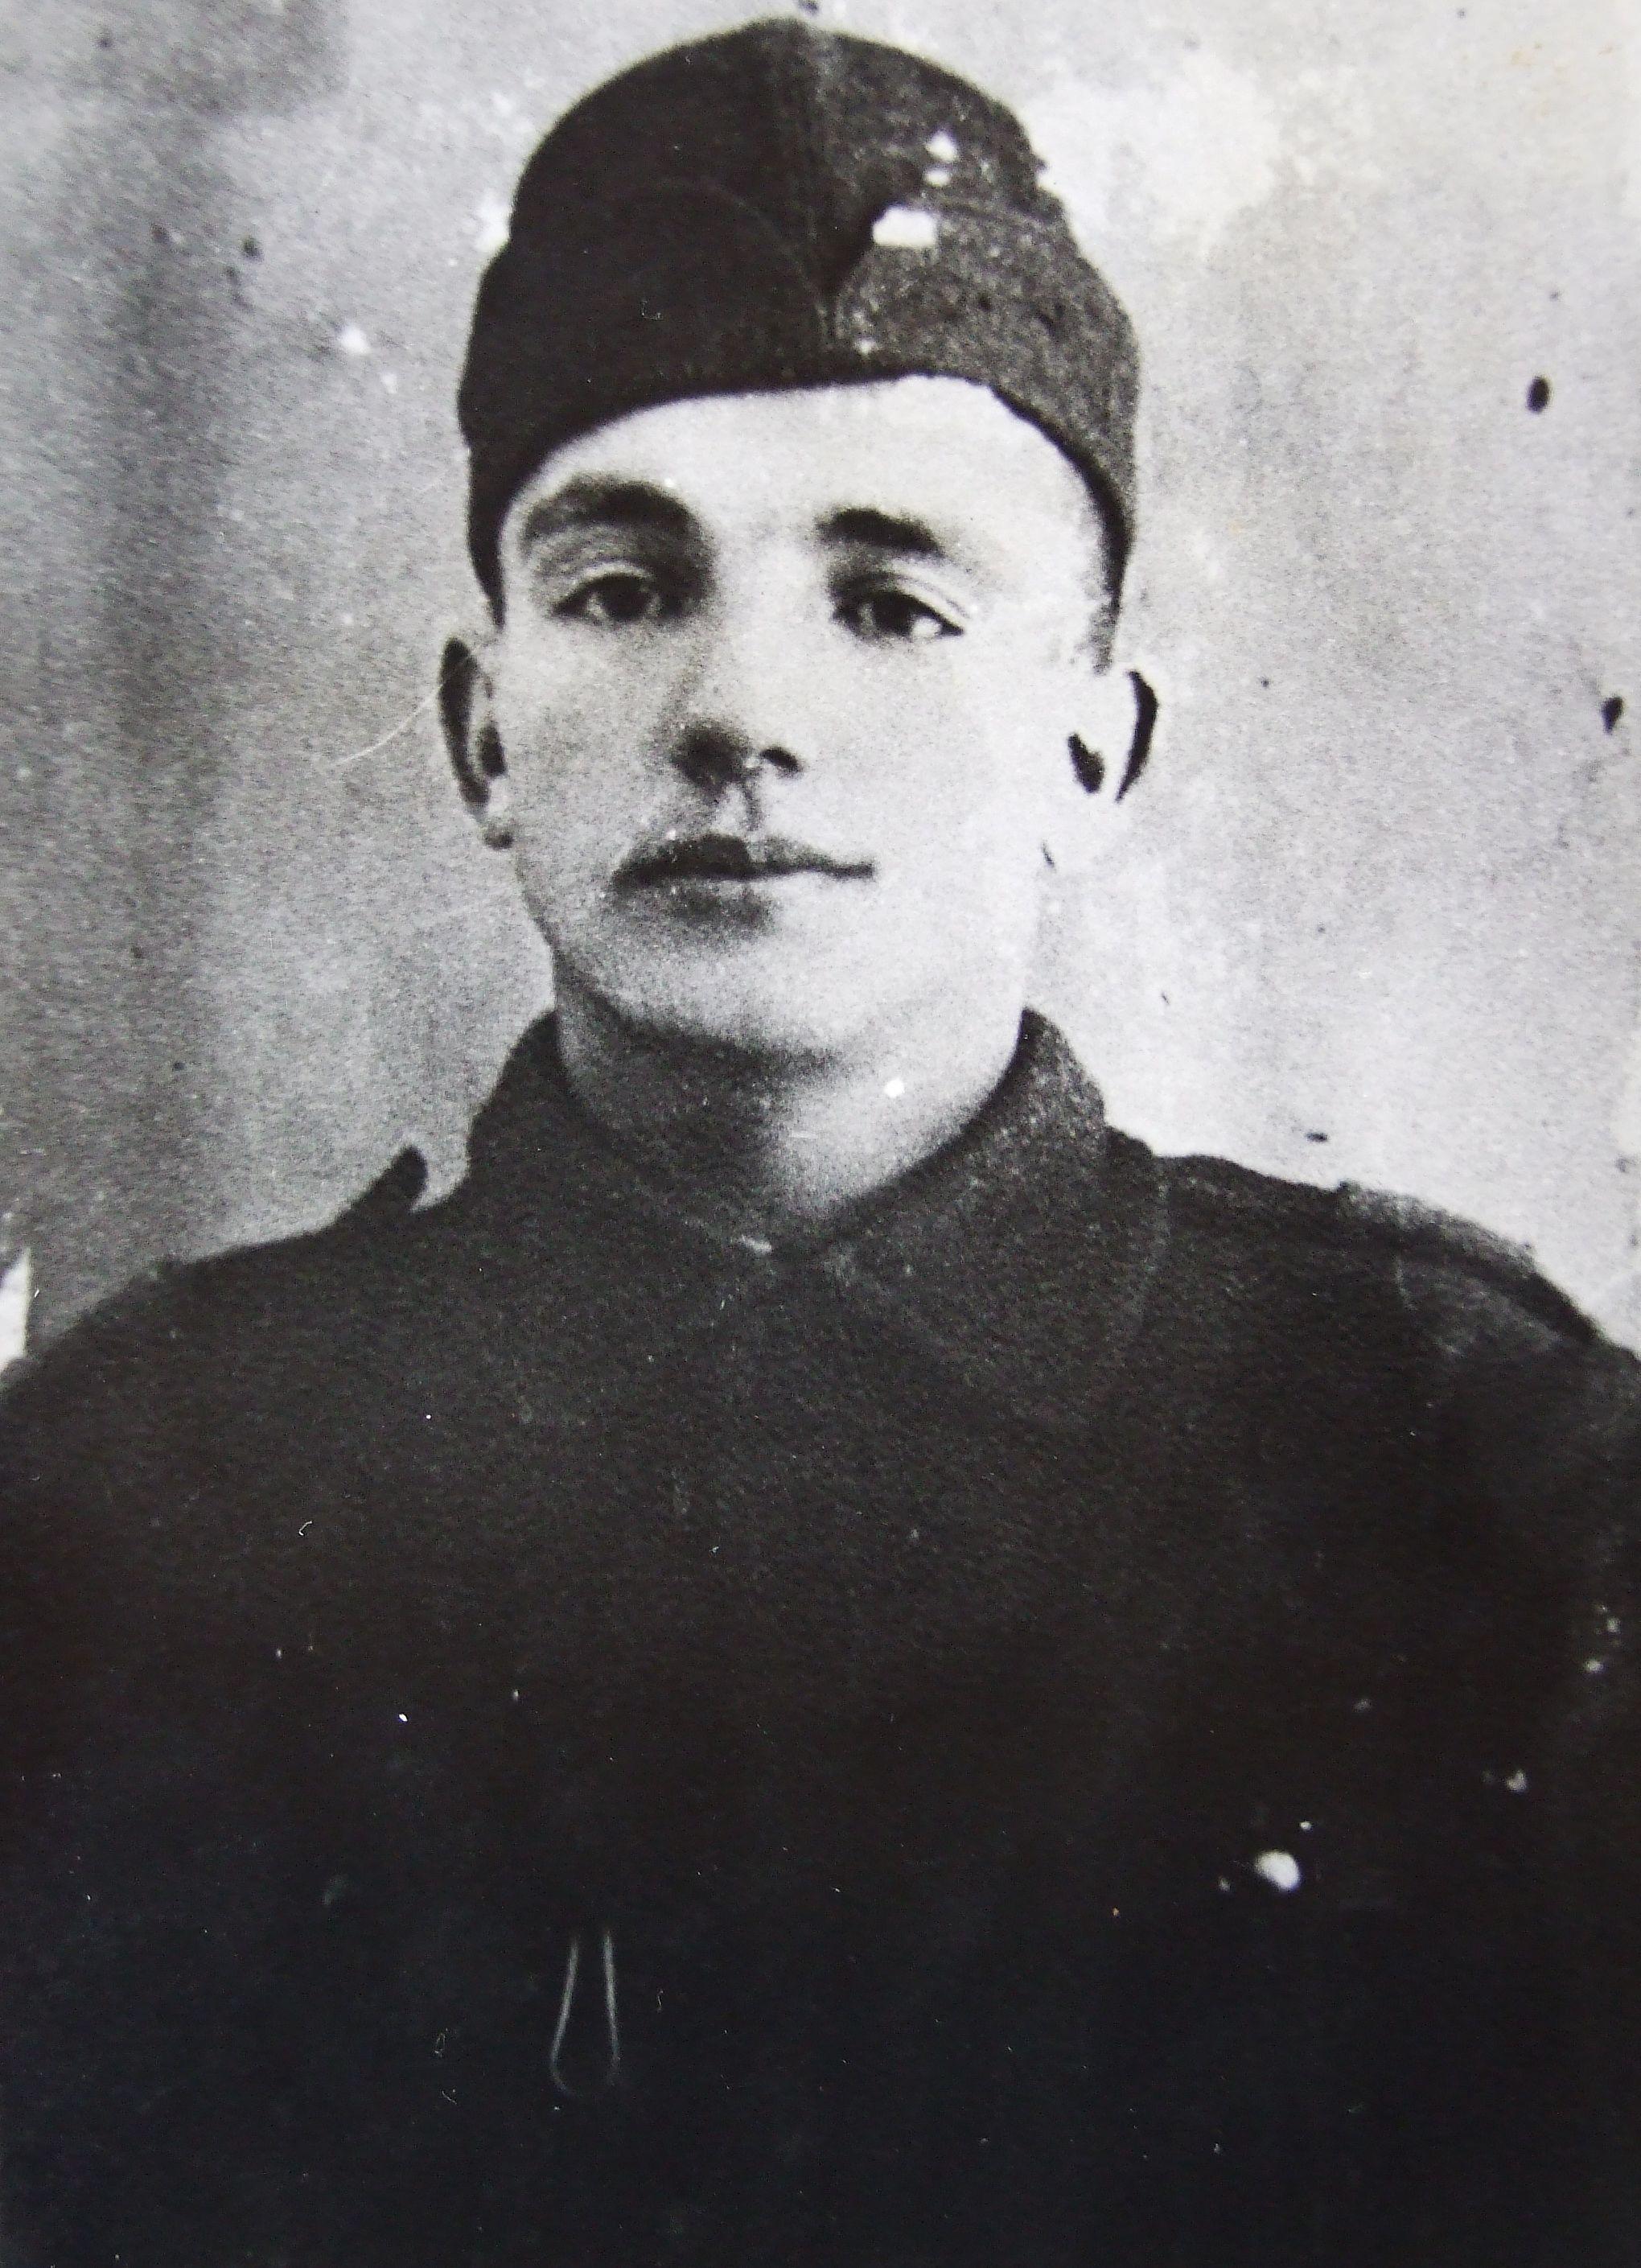 Ion Duicu. Sursa: http://domasnea.com/istorie-domasnea/rezistenta-anticomunista/